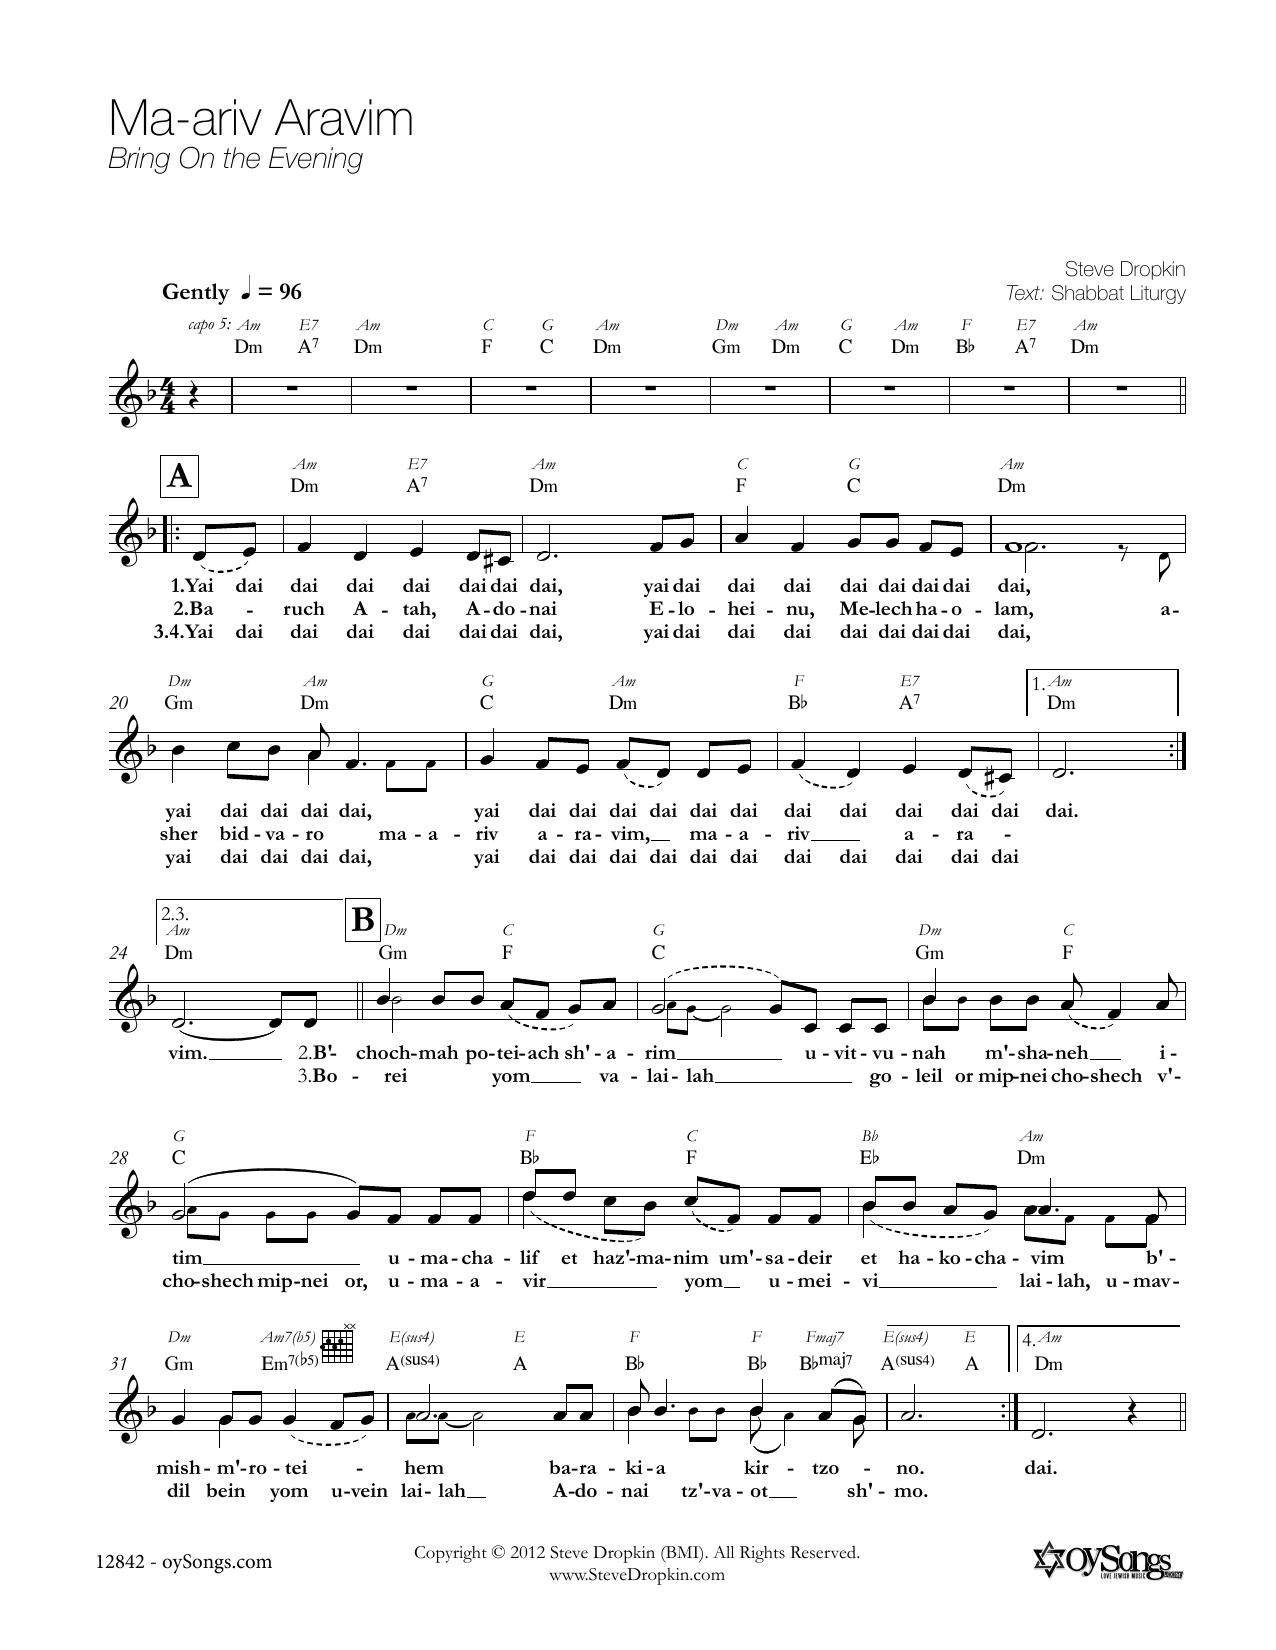 Ma-ariv Aravim Sheet Music